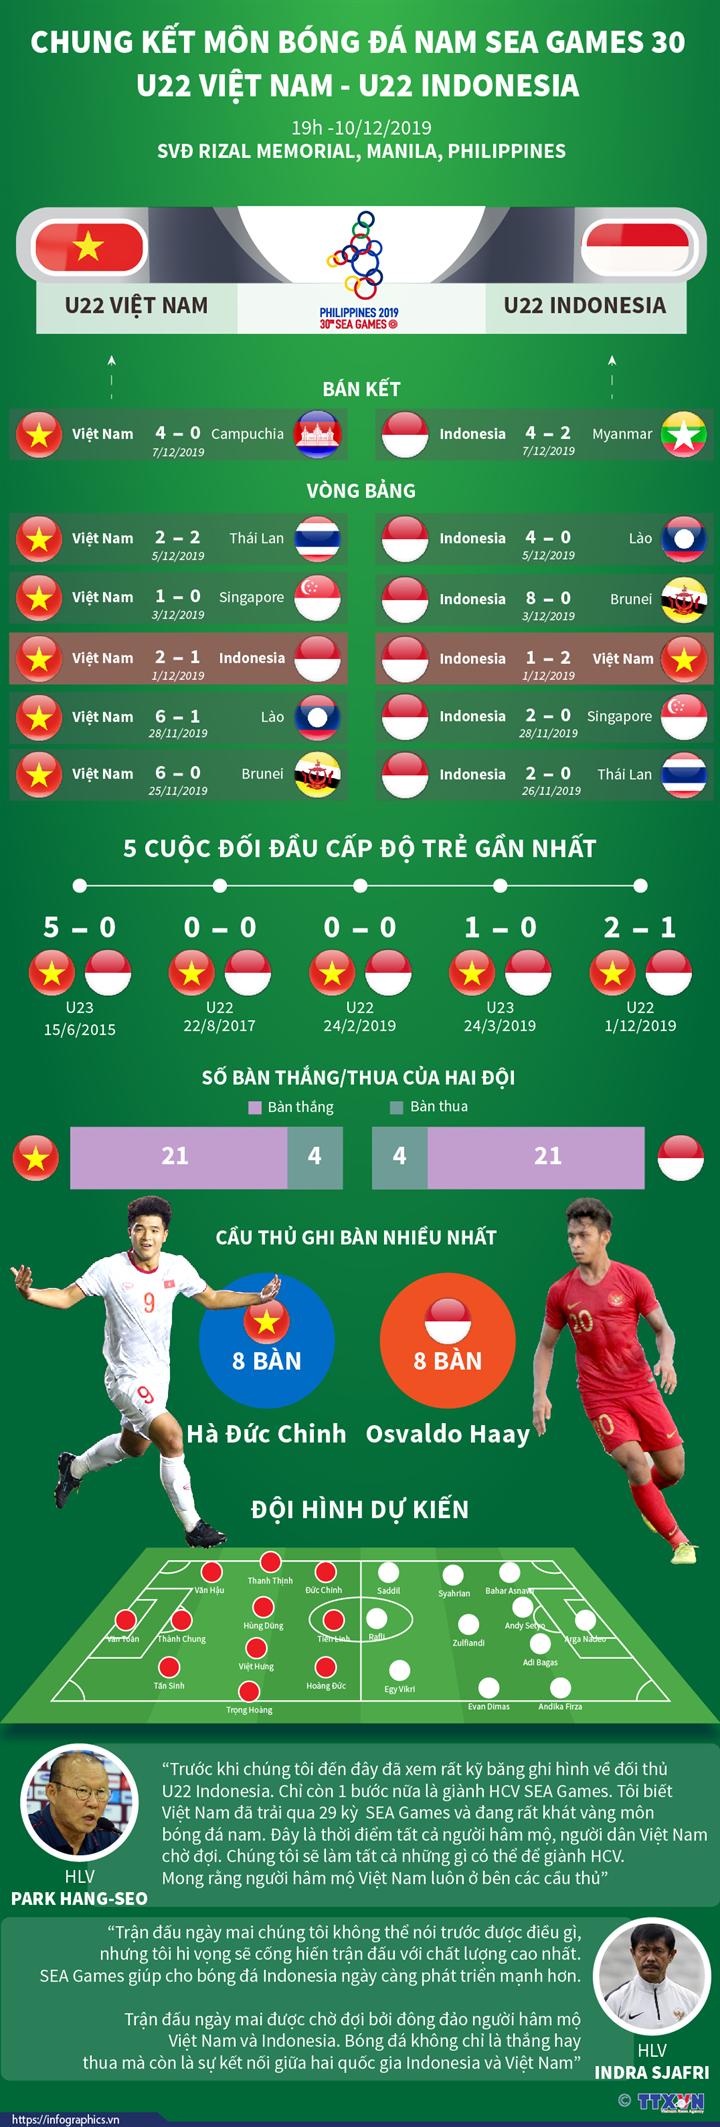 Chung kết bóng đá nam SEA Games 30: U22 Việt Nam quyết hạ Indonesia, tiếp nối tuyển nữ